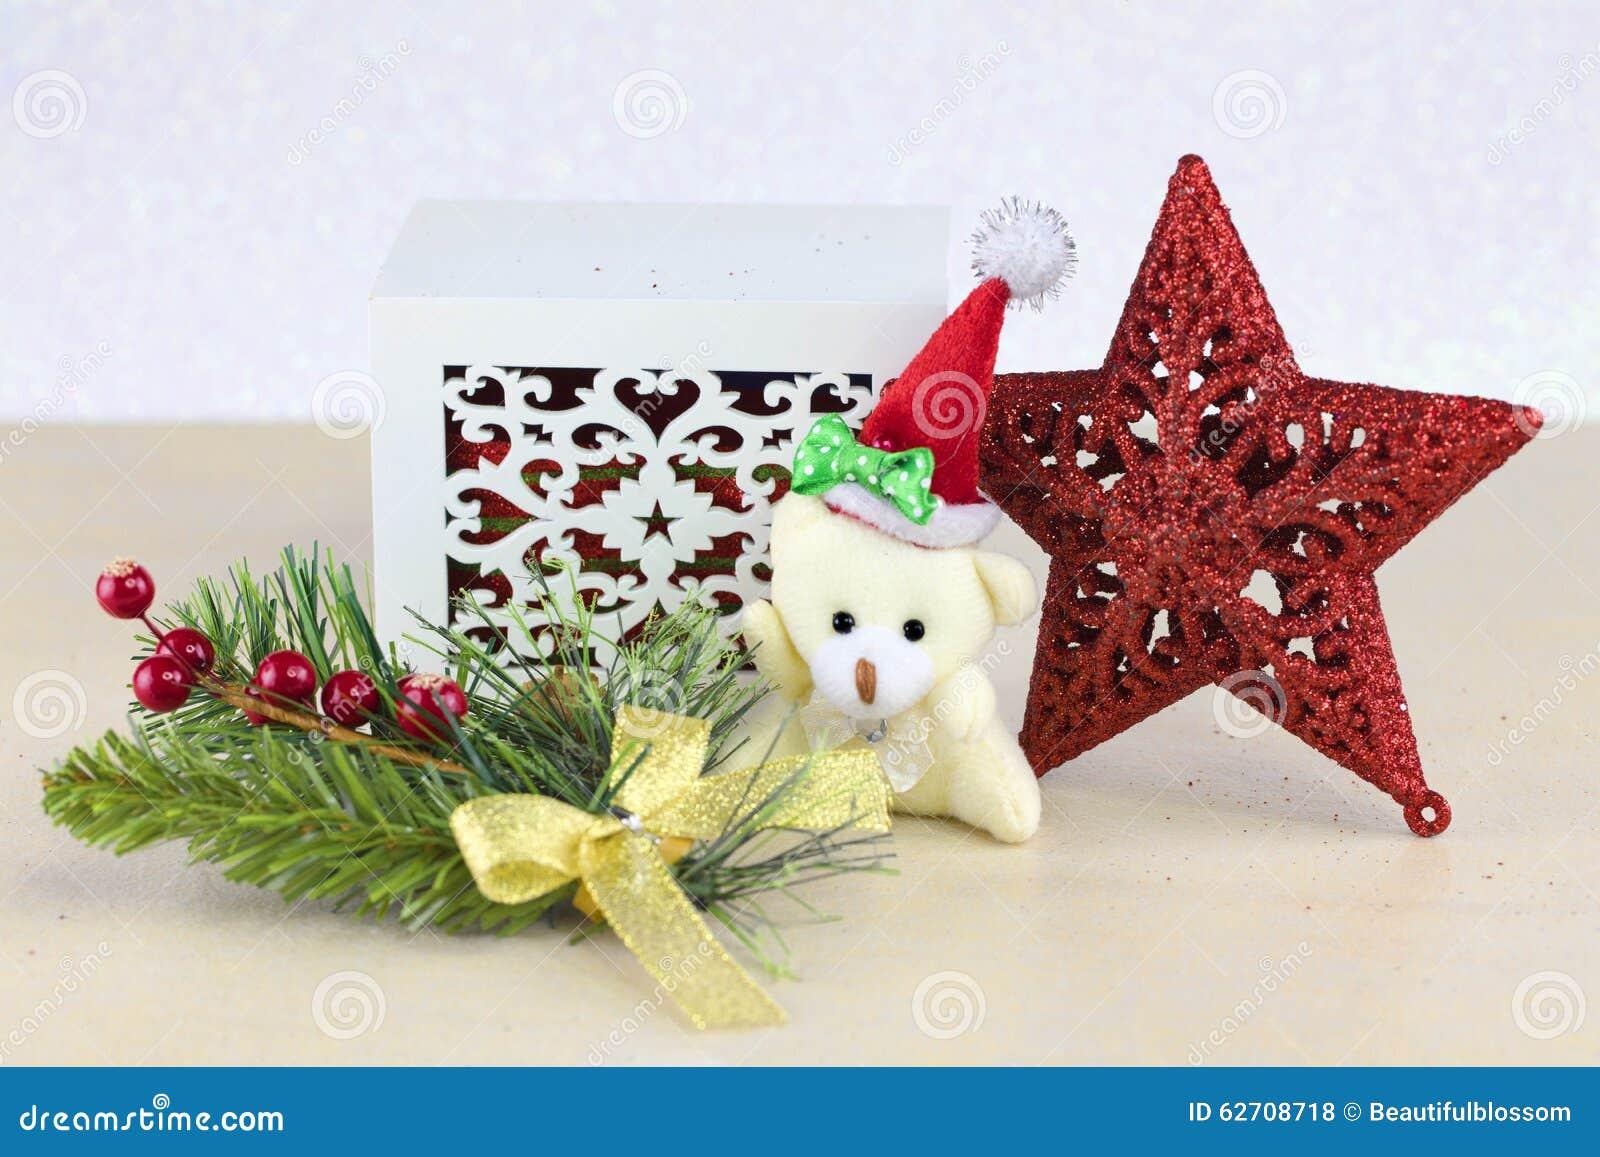 όπως η ανασκόπηση είναι μπορεί θέμα απεικόνισης Χριστουγέννων χρησιμοποιούμενο